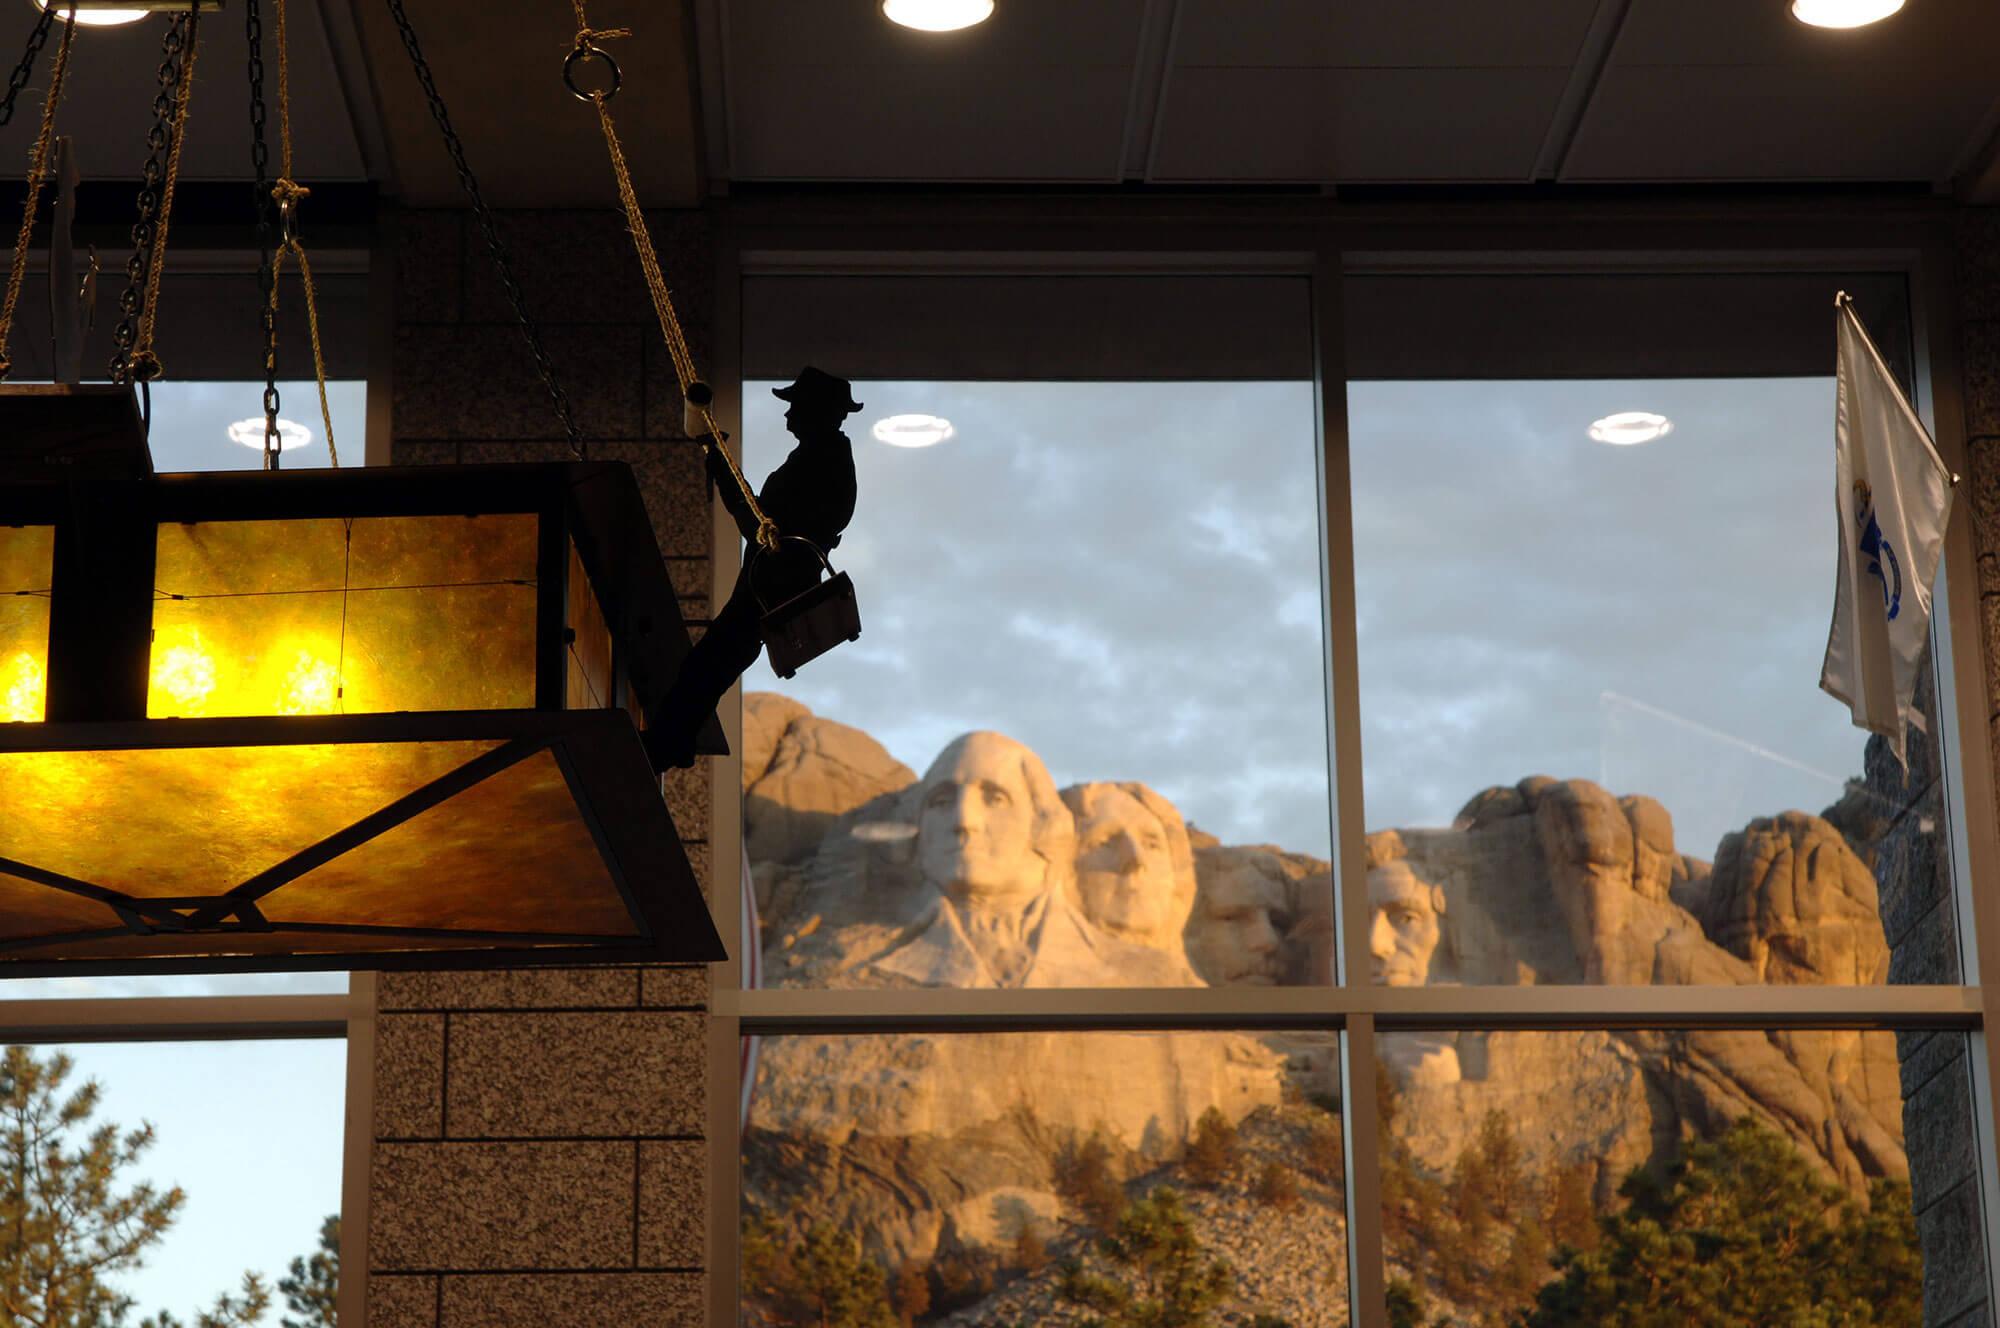 Mt.Rushmore Window View